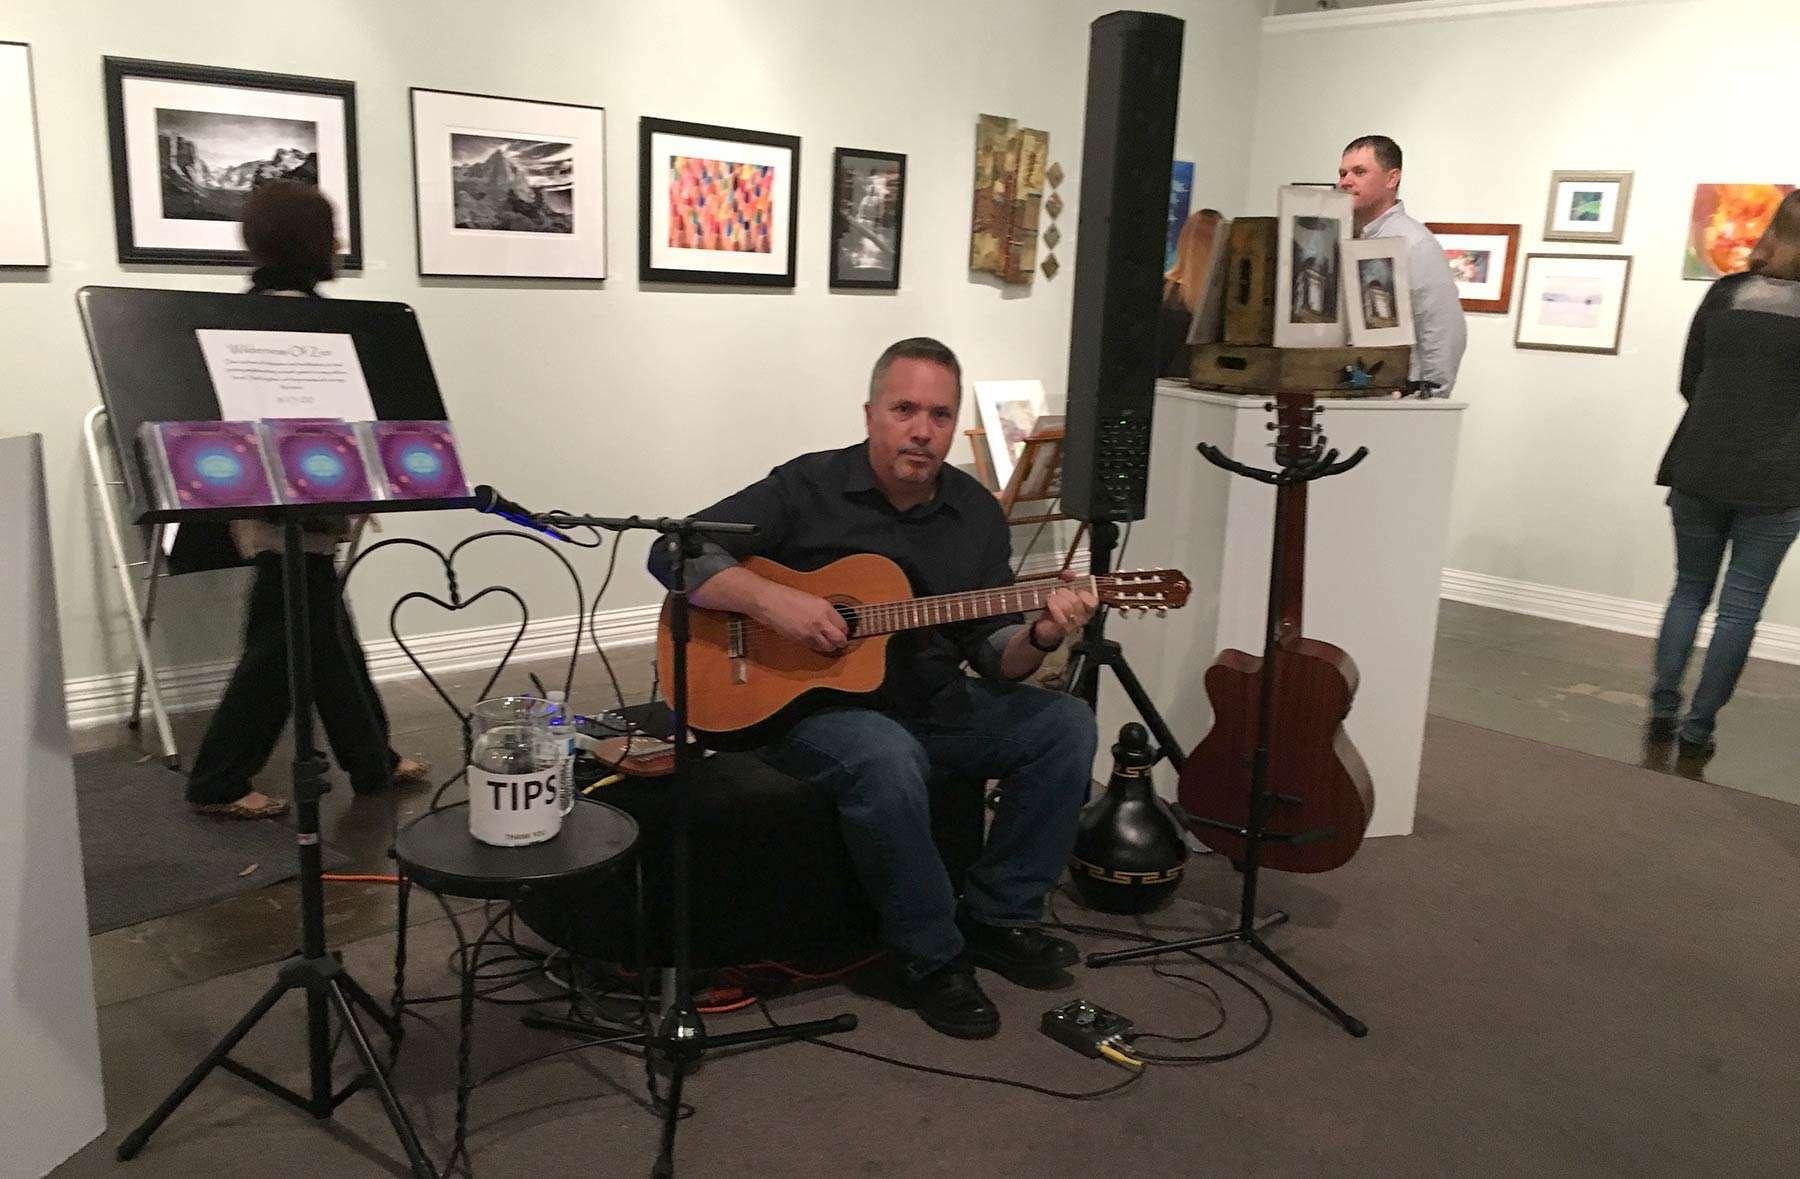 Affordable Art Show - Danny Granstaff